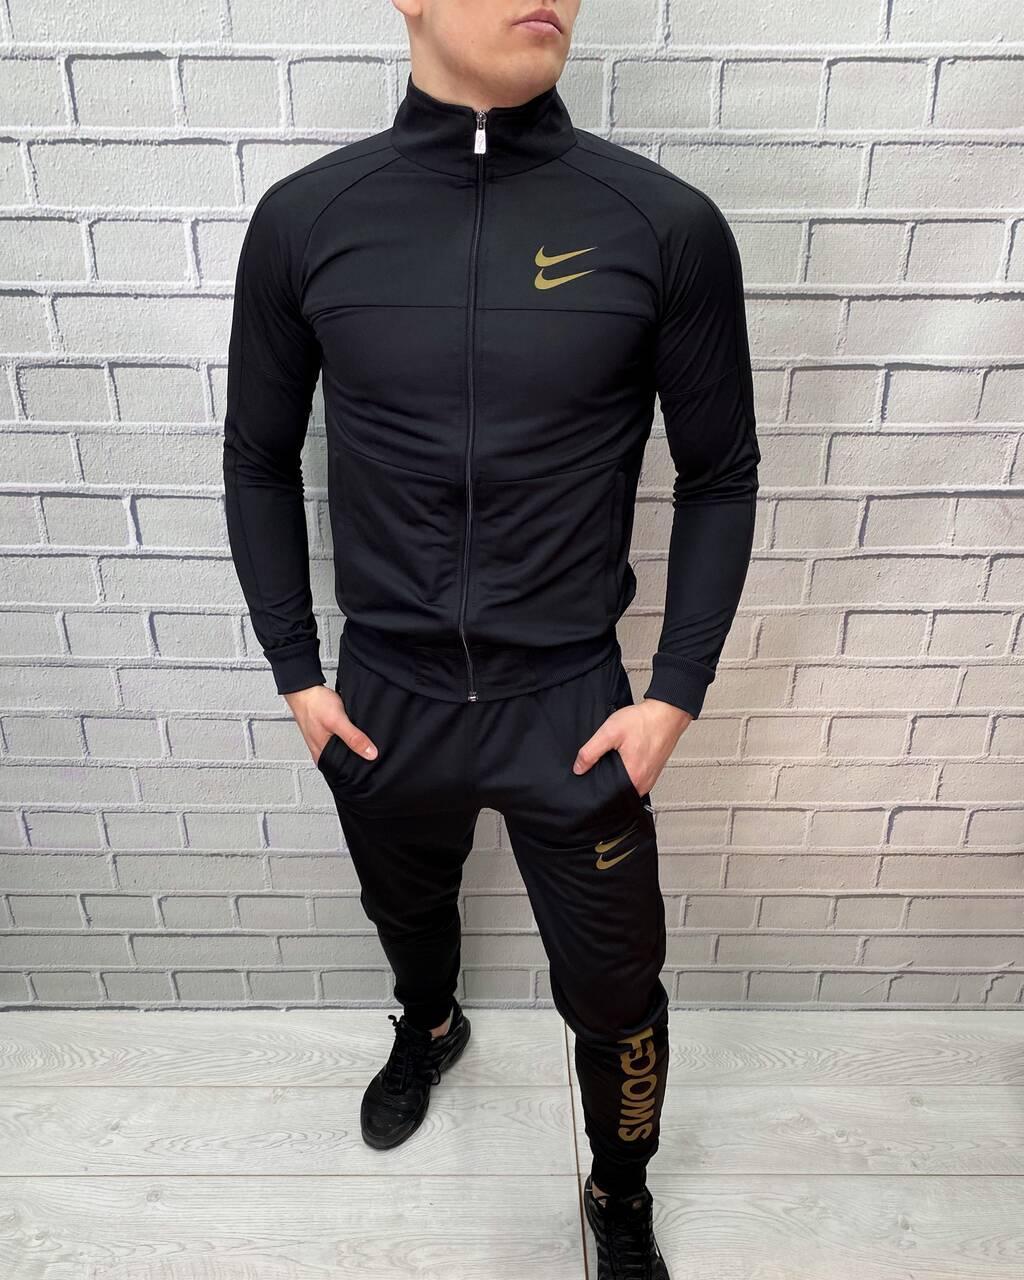 0103 Nike Чорний Штани